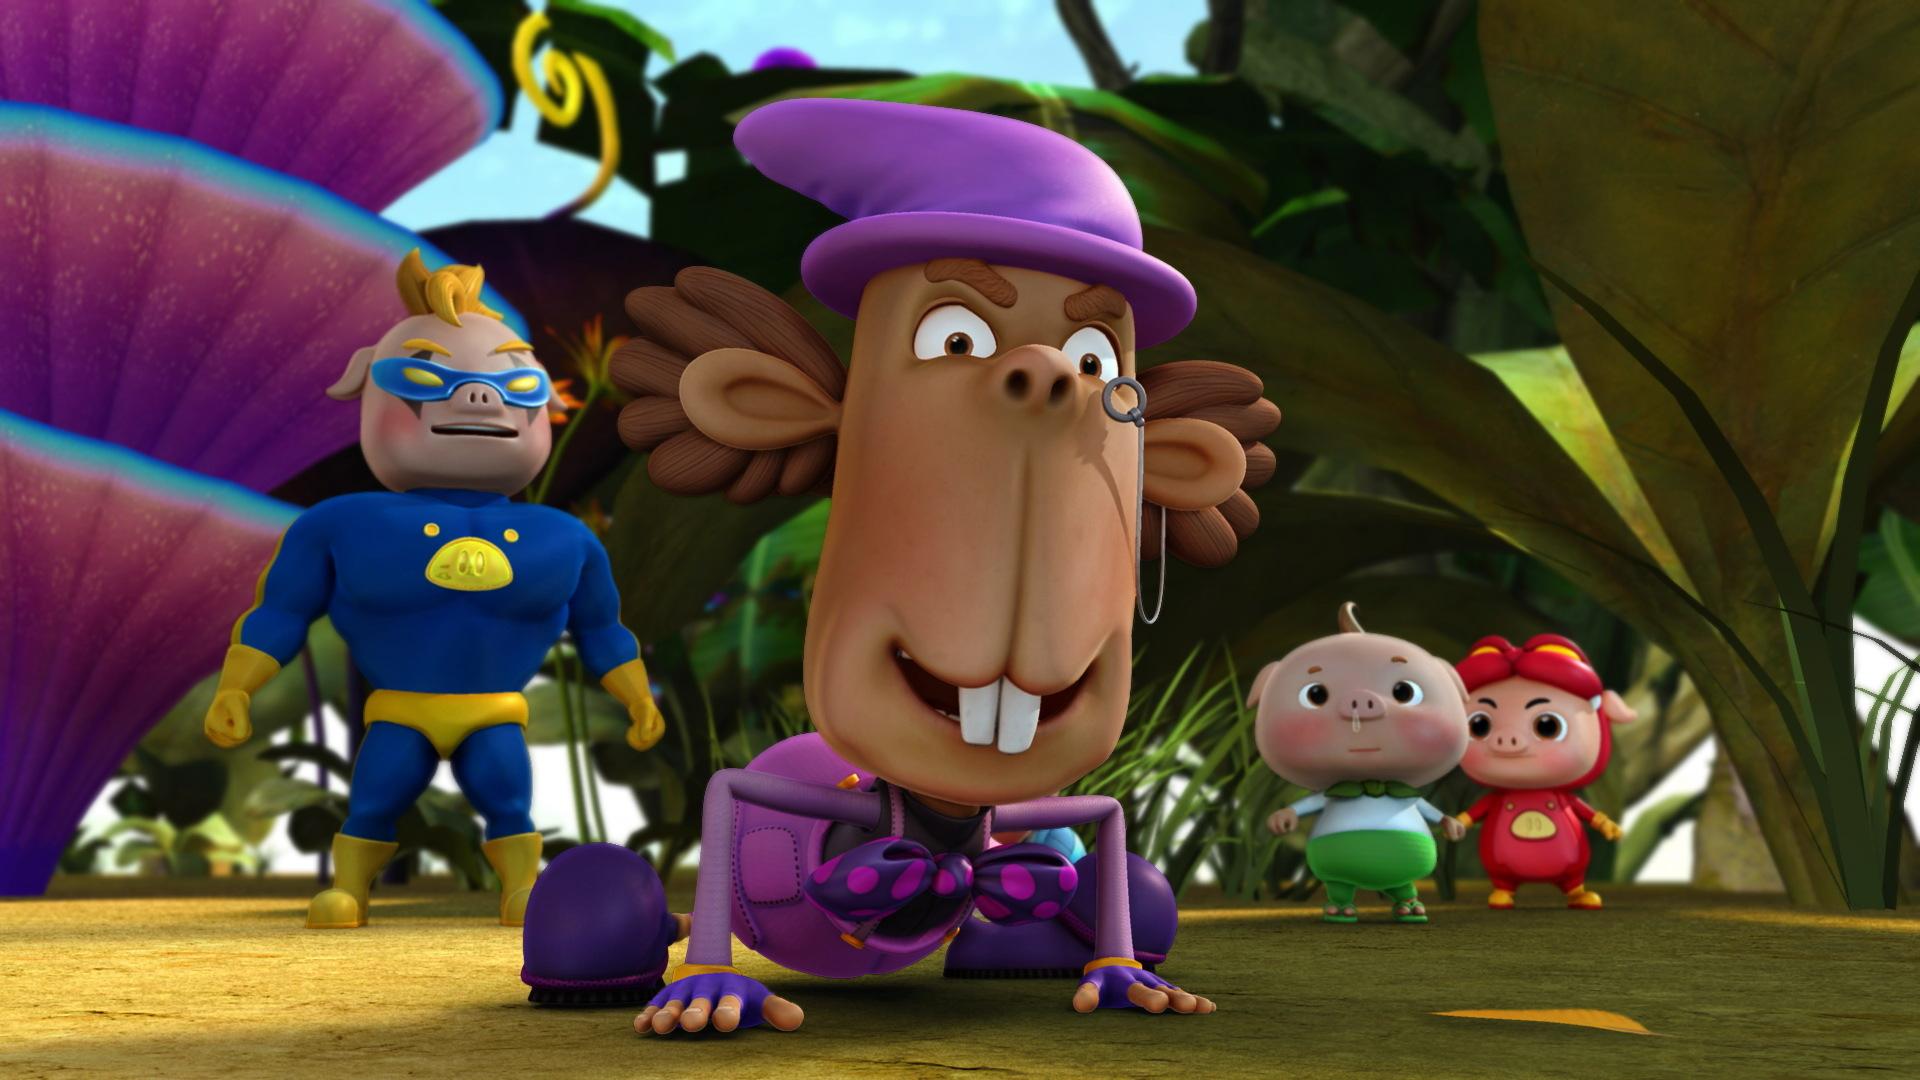 猪猪侠巨人岛_《猪猪侠之勇闯巨人岛》成人与孩子的隐喻